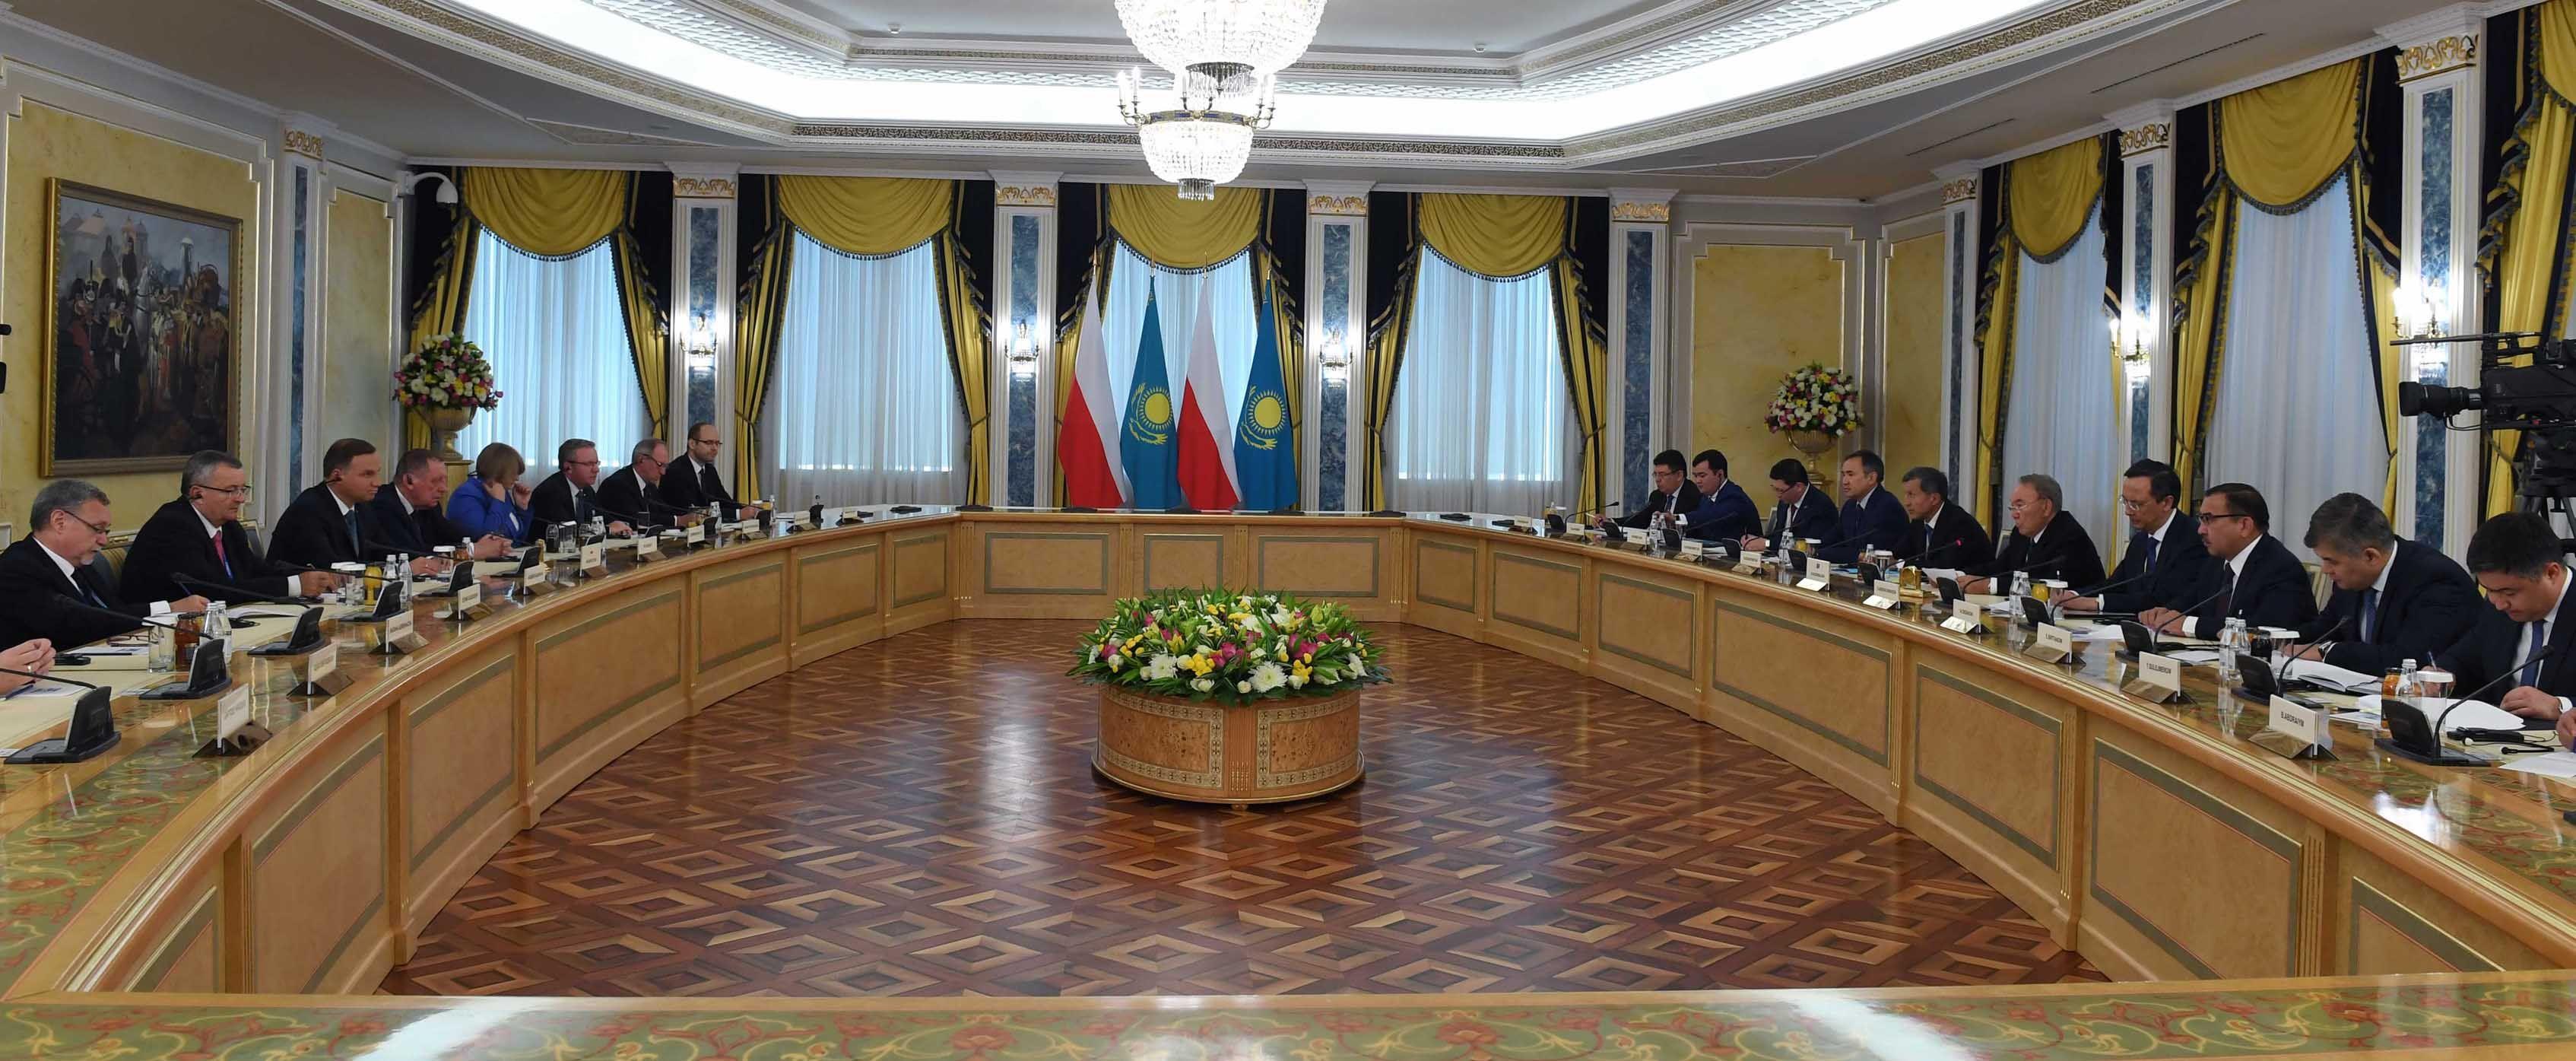 Президент Польши поддержал идею обезвизовом режиме сКазахстаном- Kapital.kz